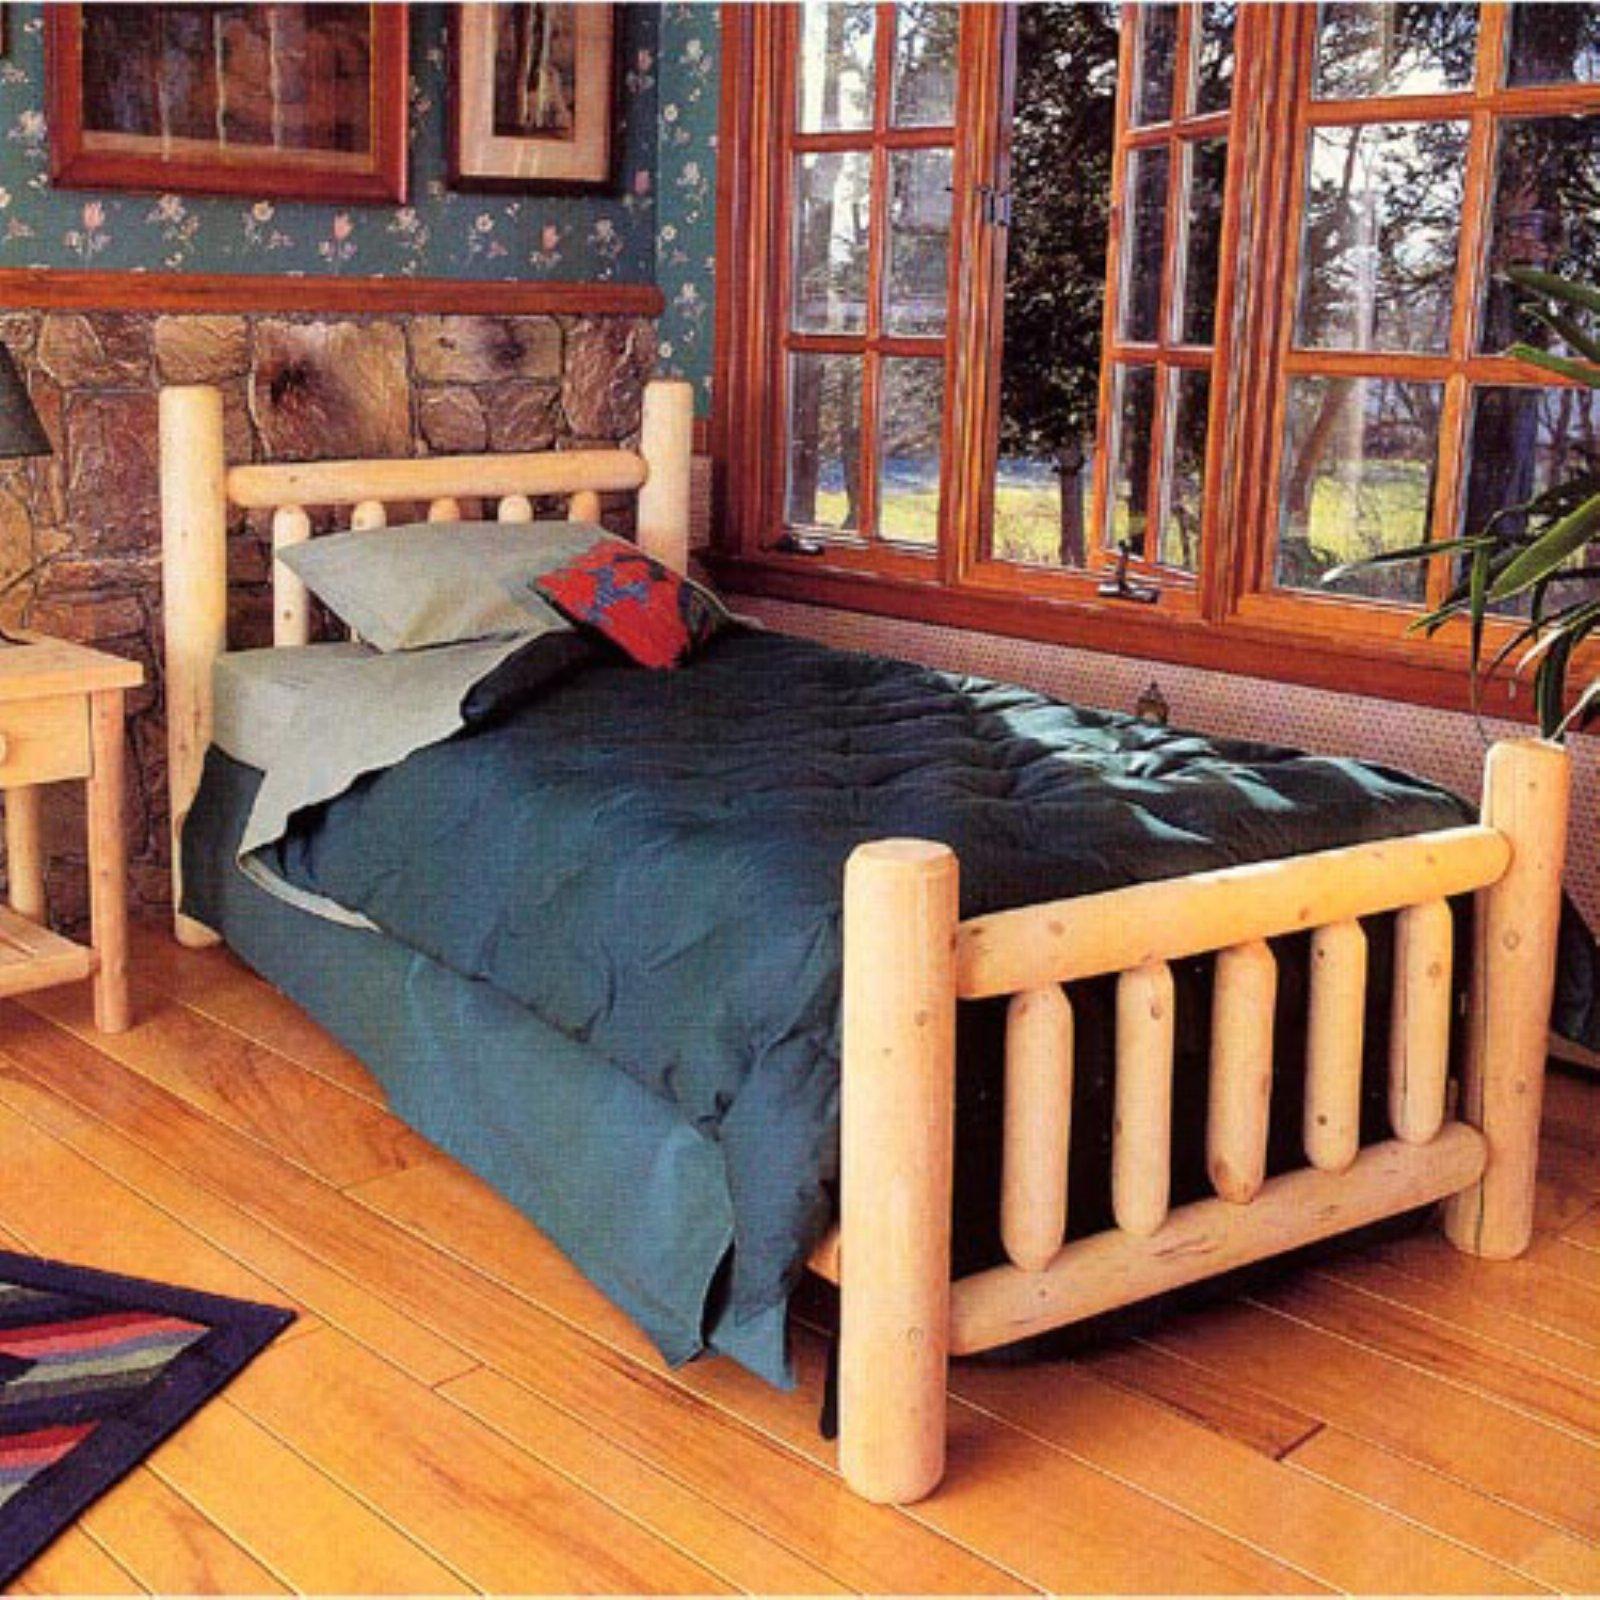 Rustic Natural Cedar Furniture Wheatfields Bed